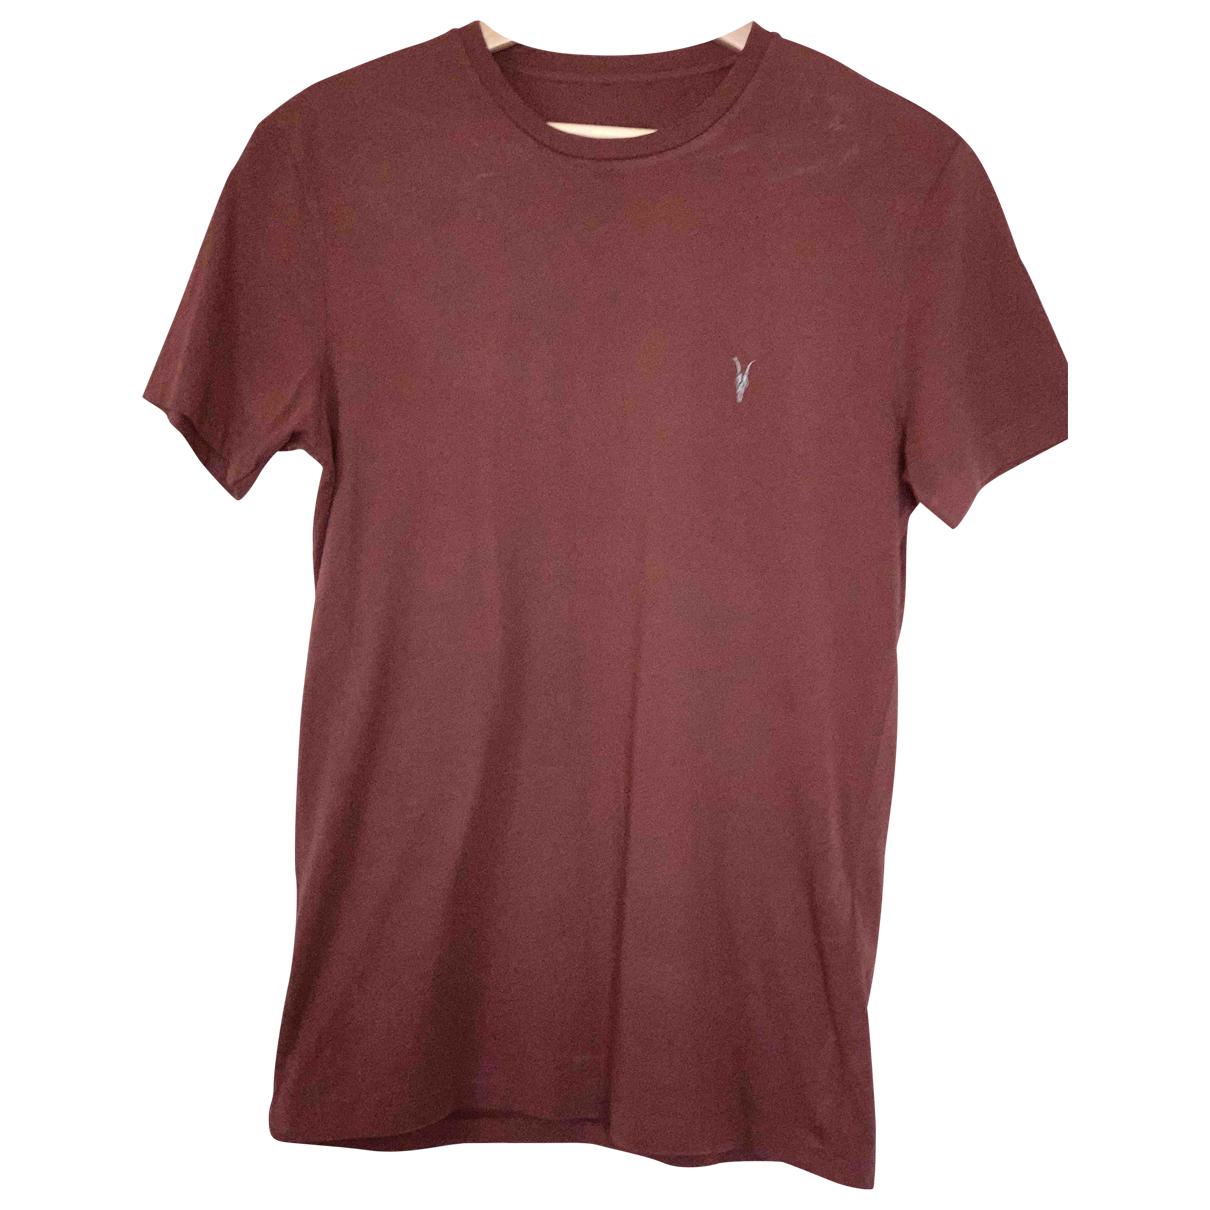 All Saints - Tee shirts   pour homme en coton - bordeaux